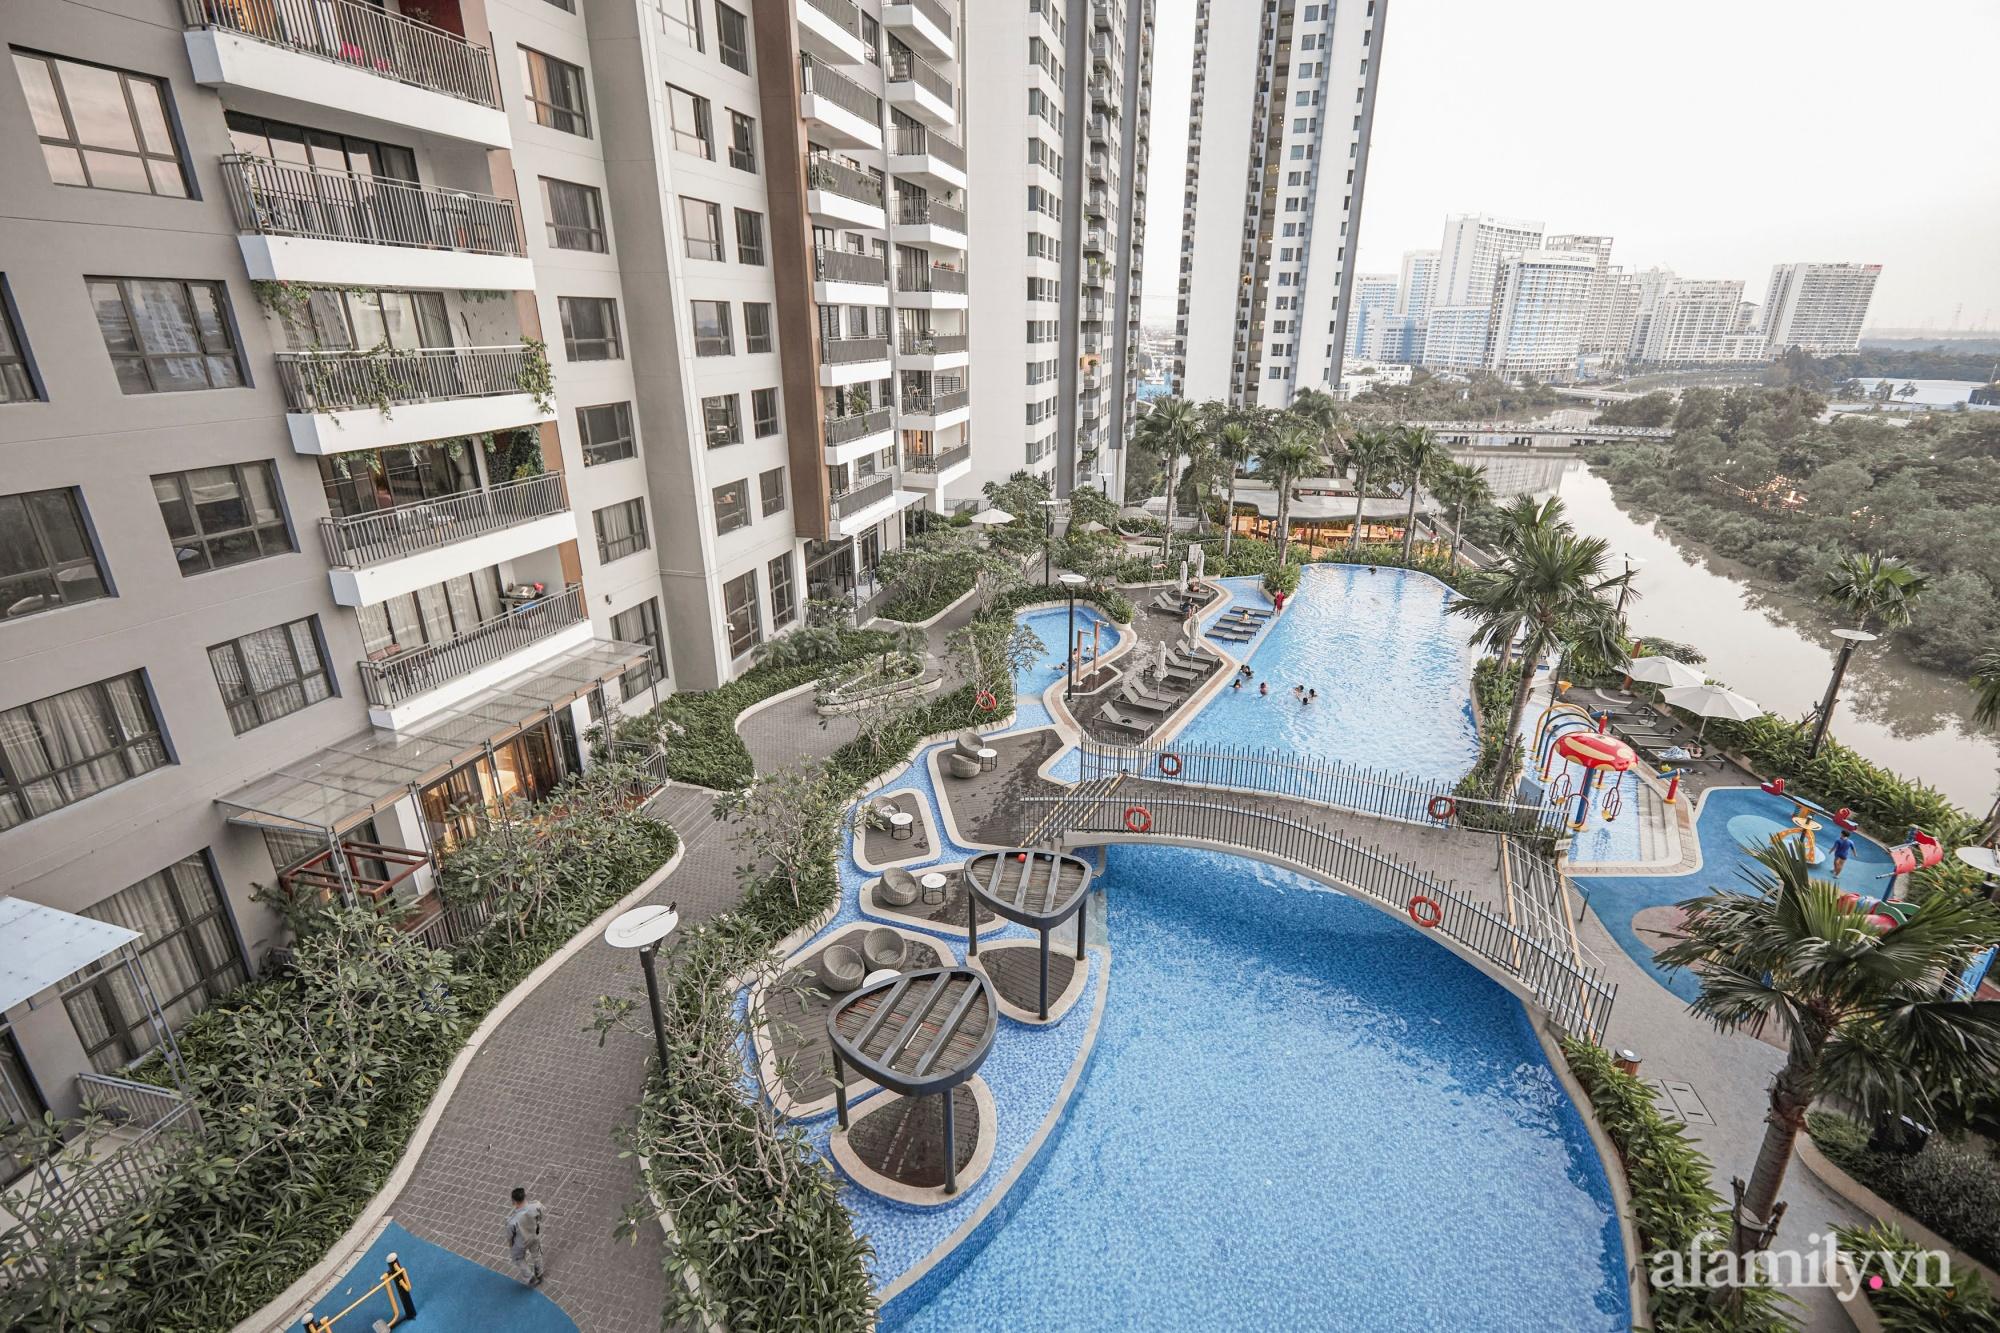 Căn hộ 2 tầng rộng 145m² đẹp sang trọng với điểm nhấn mộc mạc từ chất liệu bê tông ở Sài Gòn - Ảnh 21.